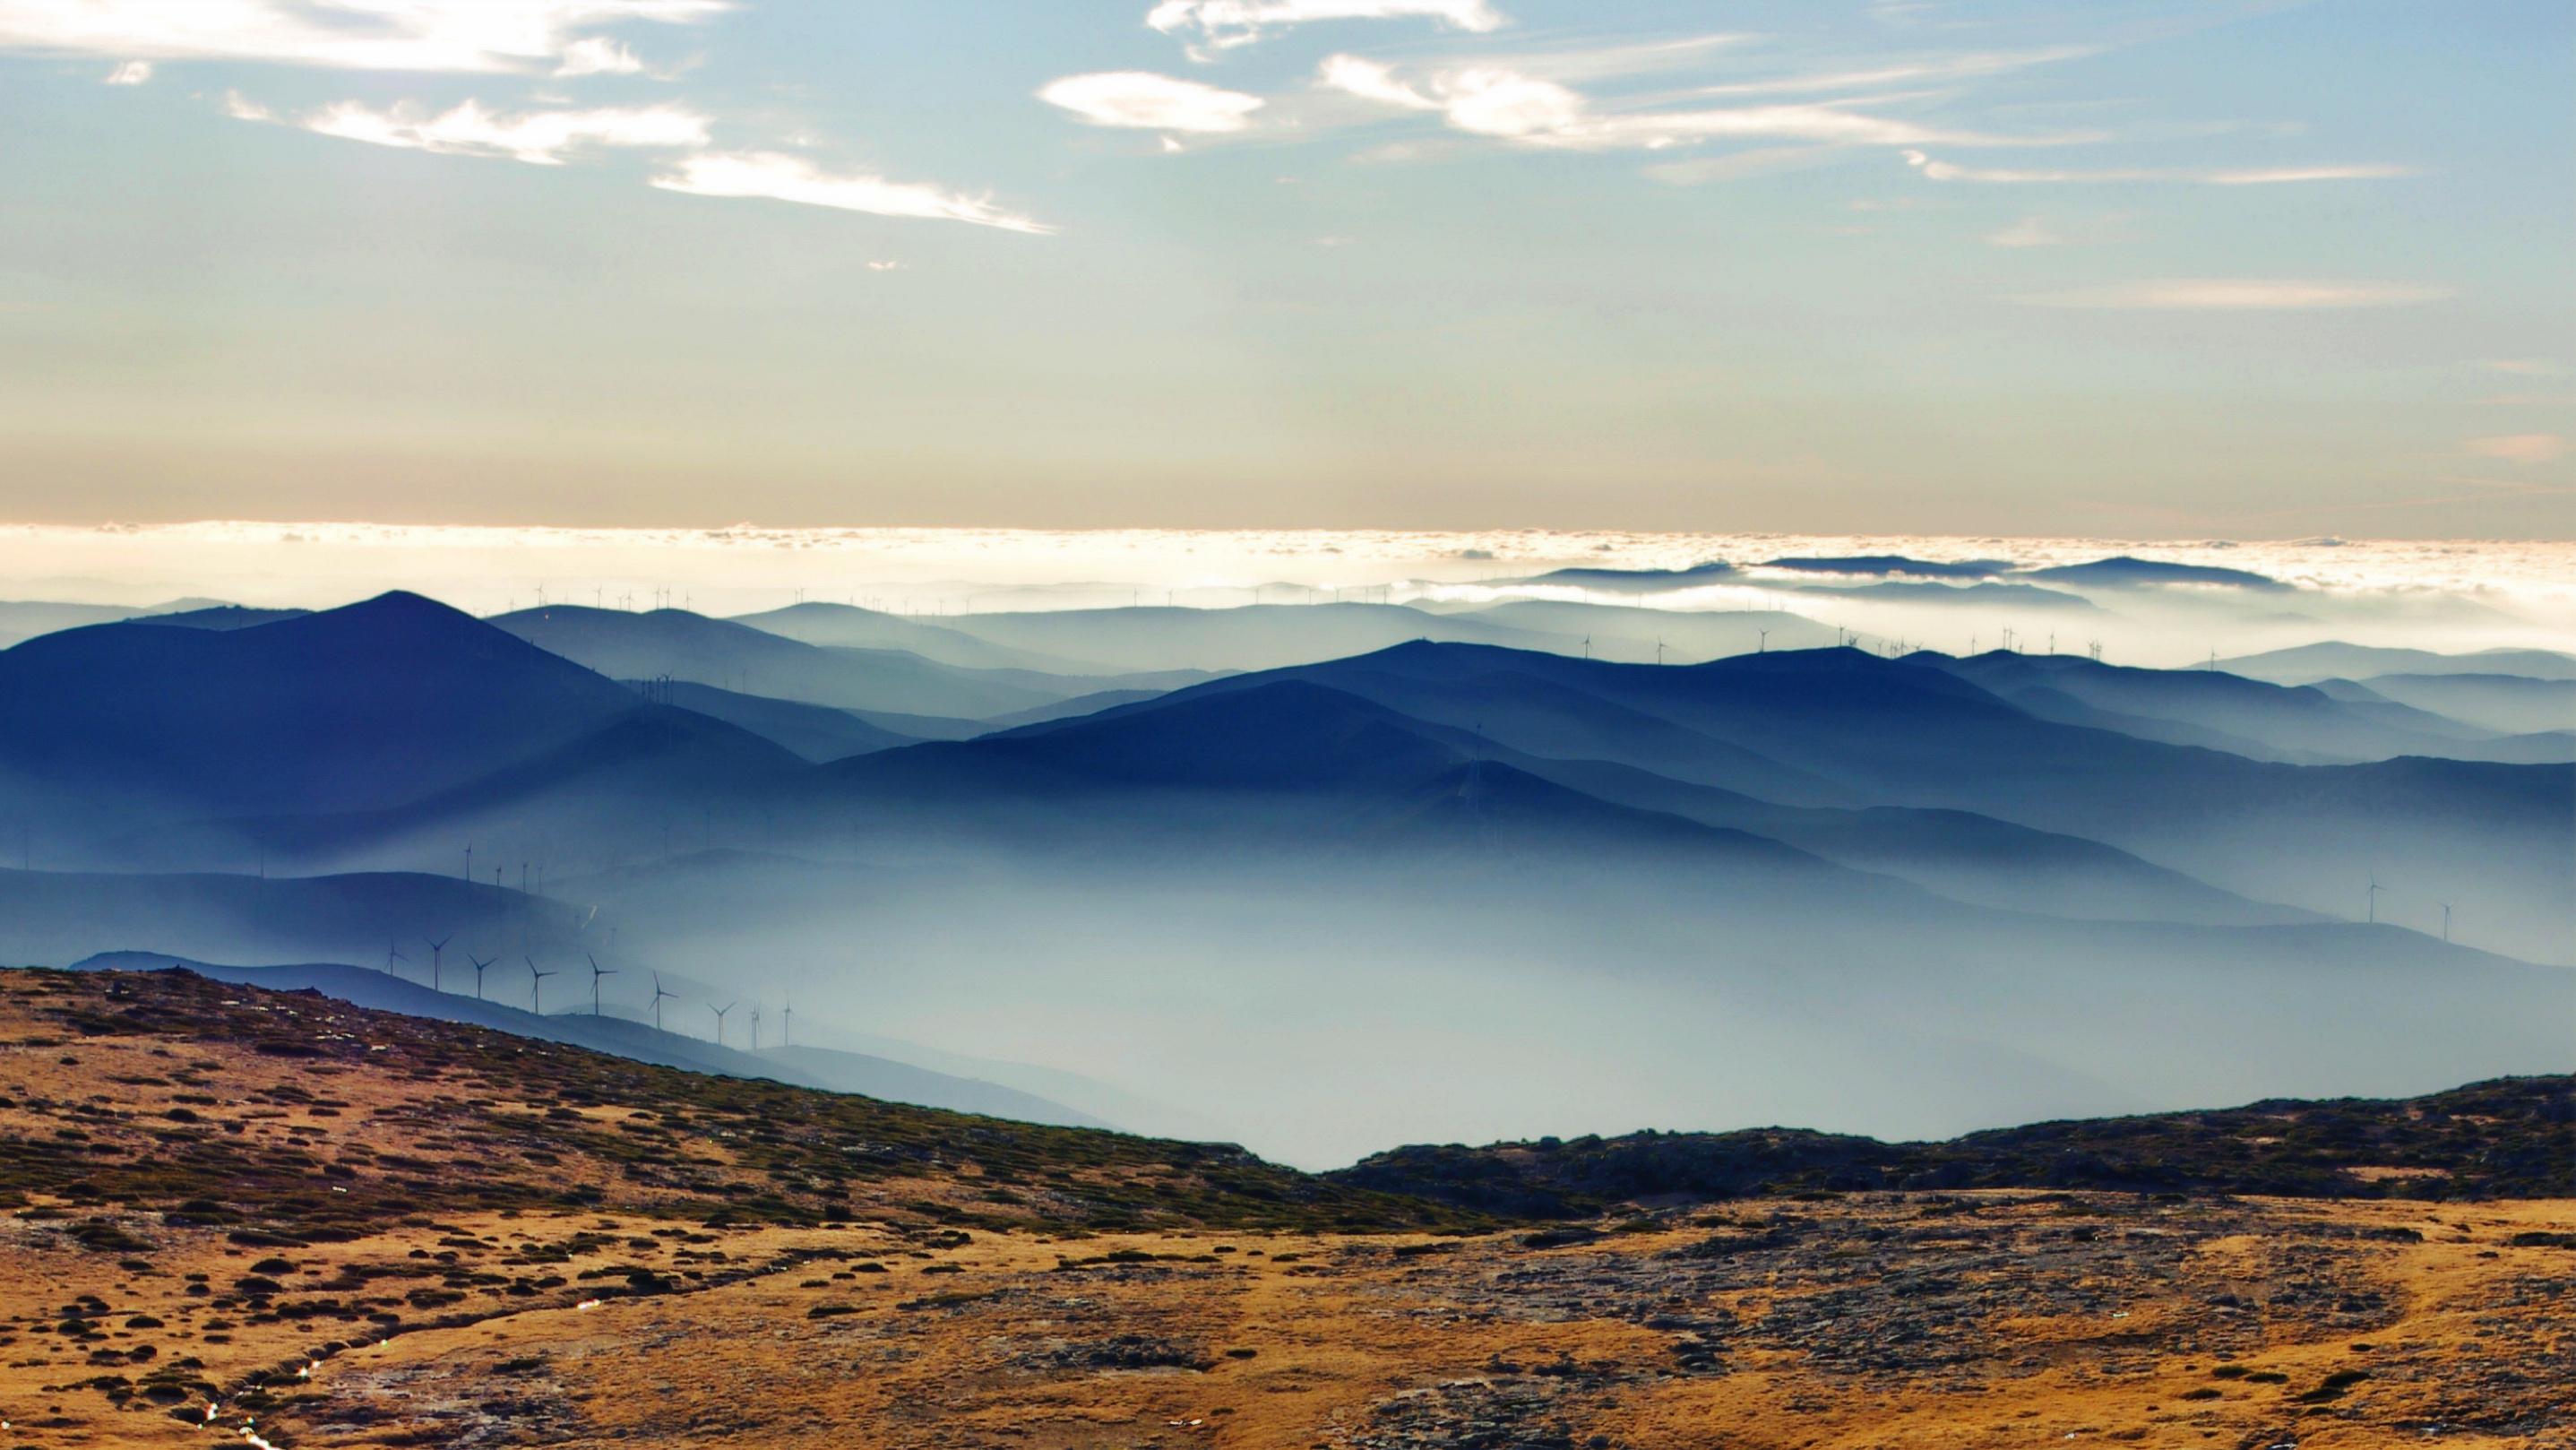 デスクトップ壁紙 日光 風景 白 黒 山々 見積もり 窓 日没